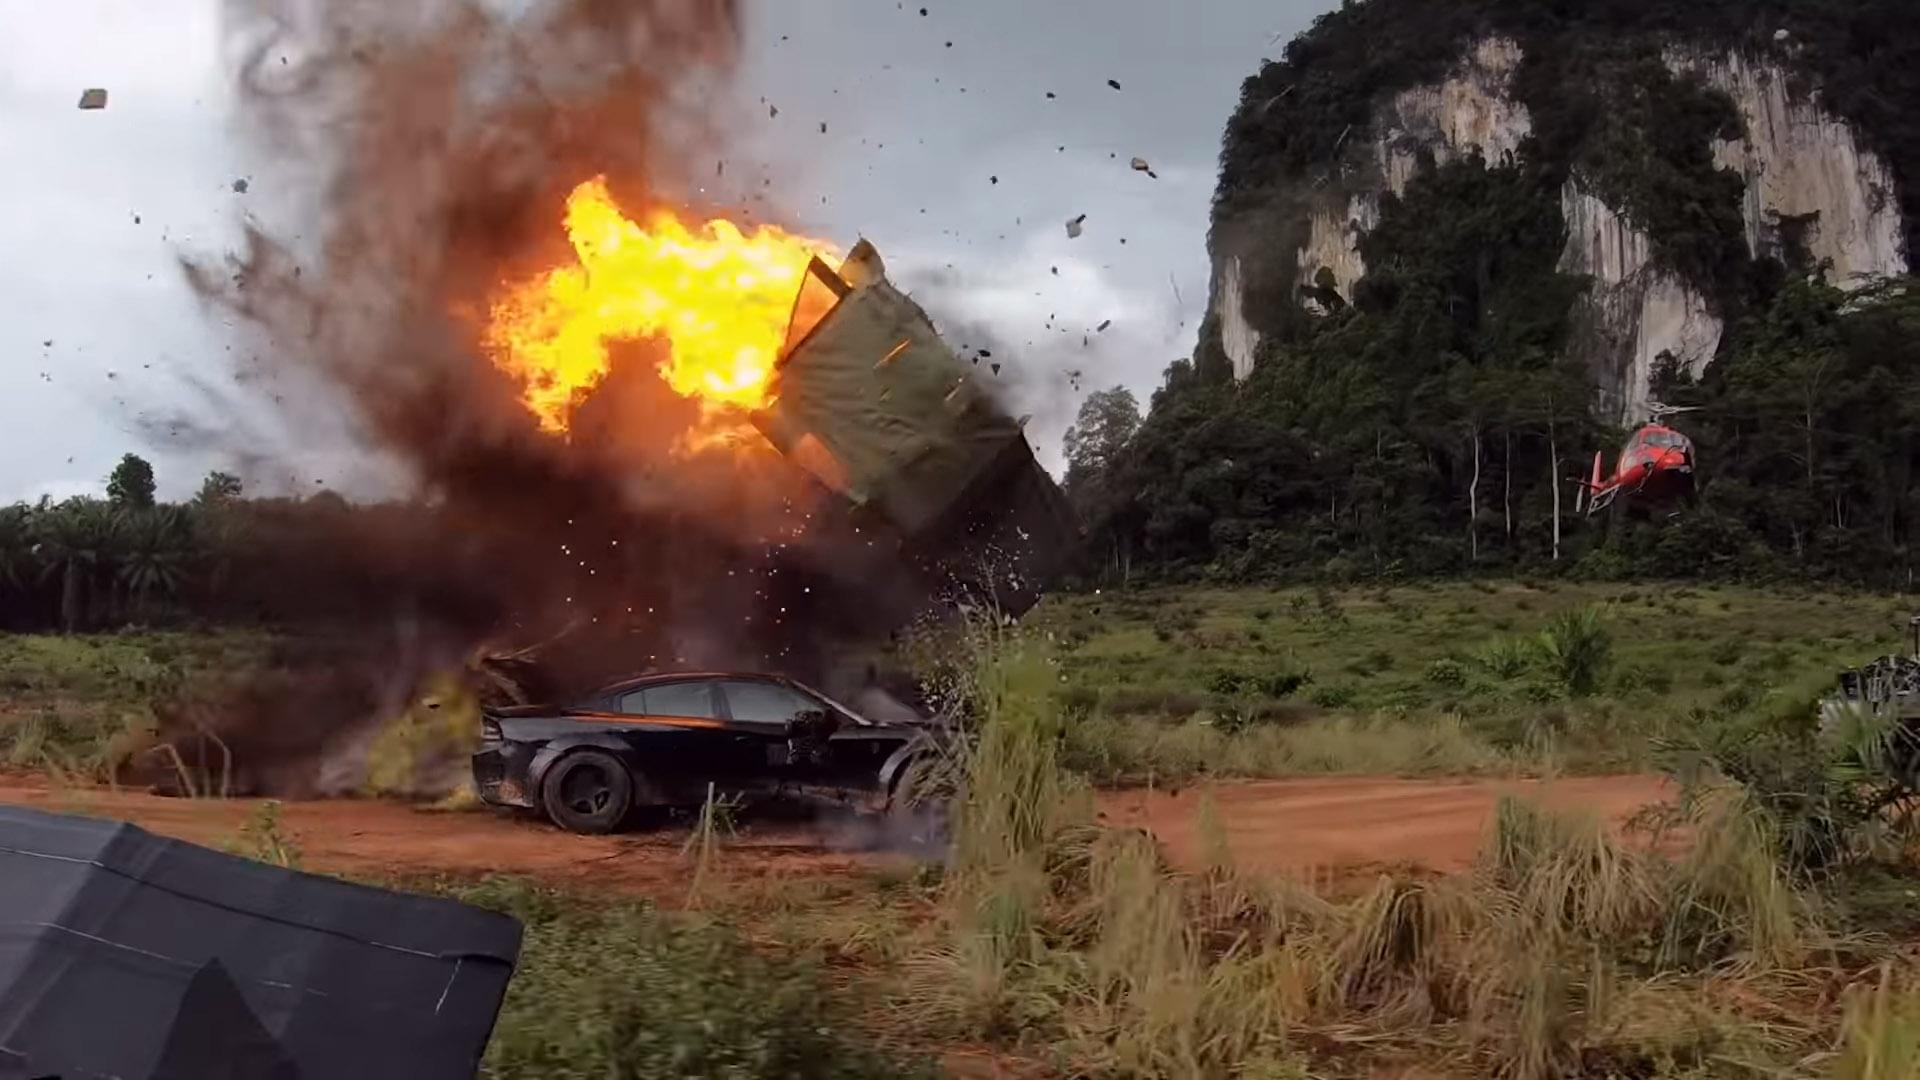 Μία πρώτη γεύση… καταστροφής από την ένατη ταινία του Fast & Furious (video)